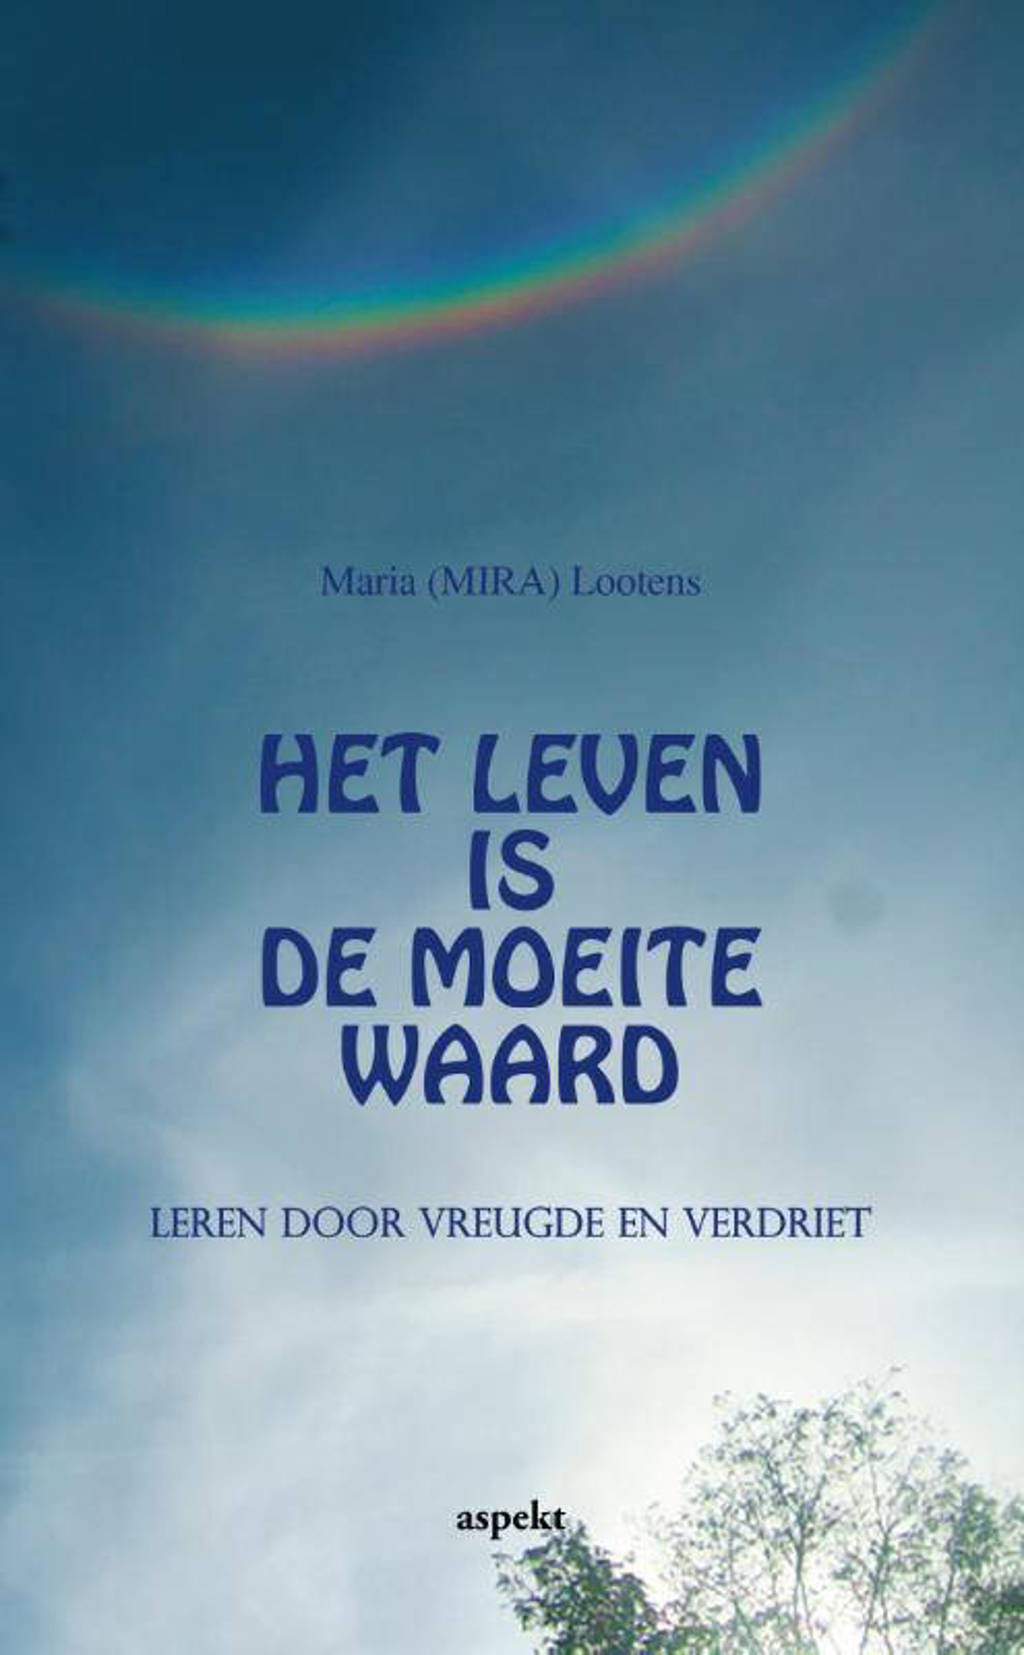 Aspekt: Het leven is de moeite waard - Maria (MIRA) Peeters-Lootens